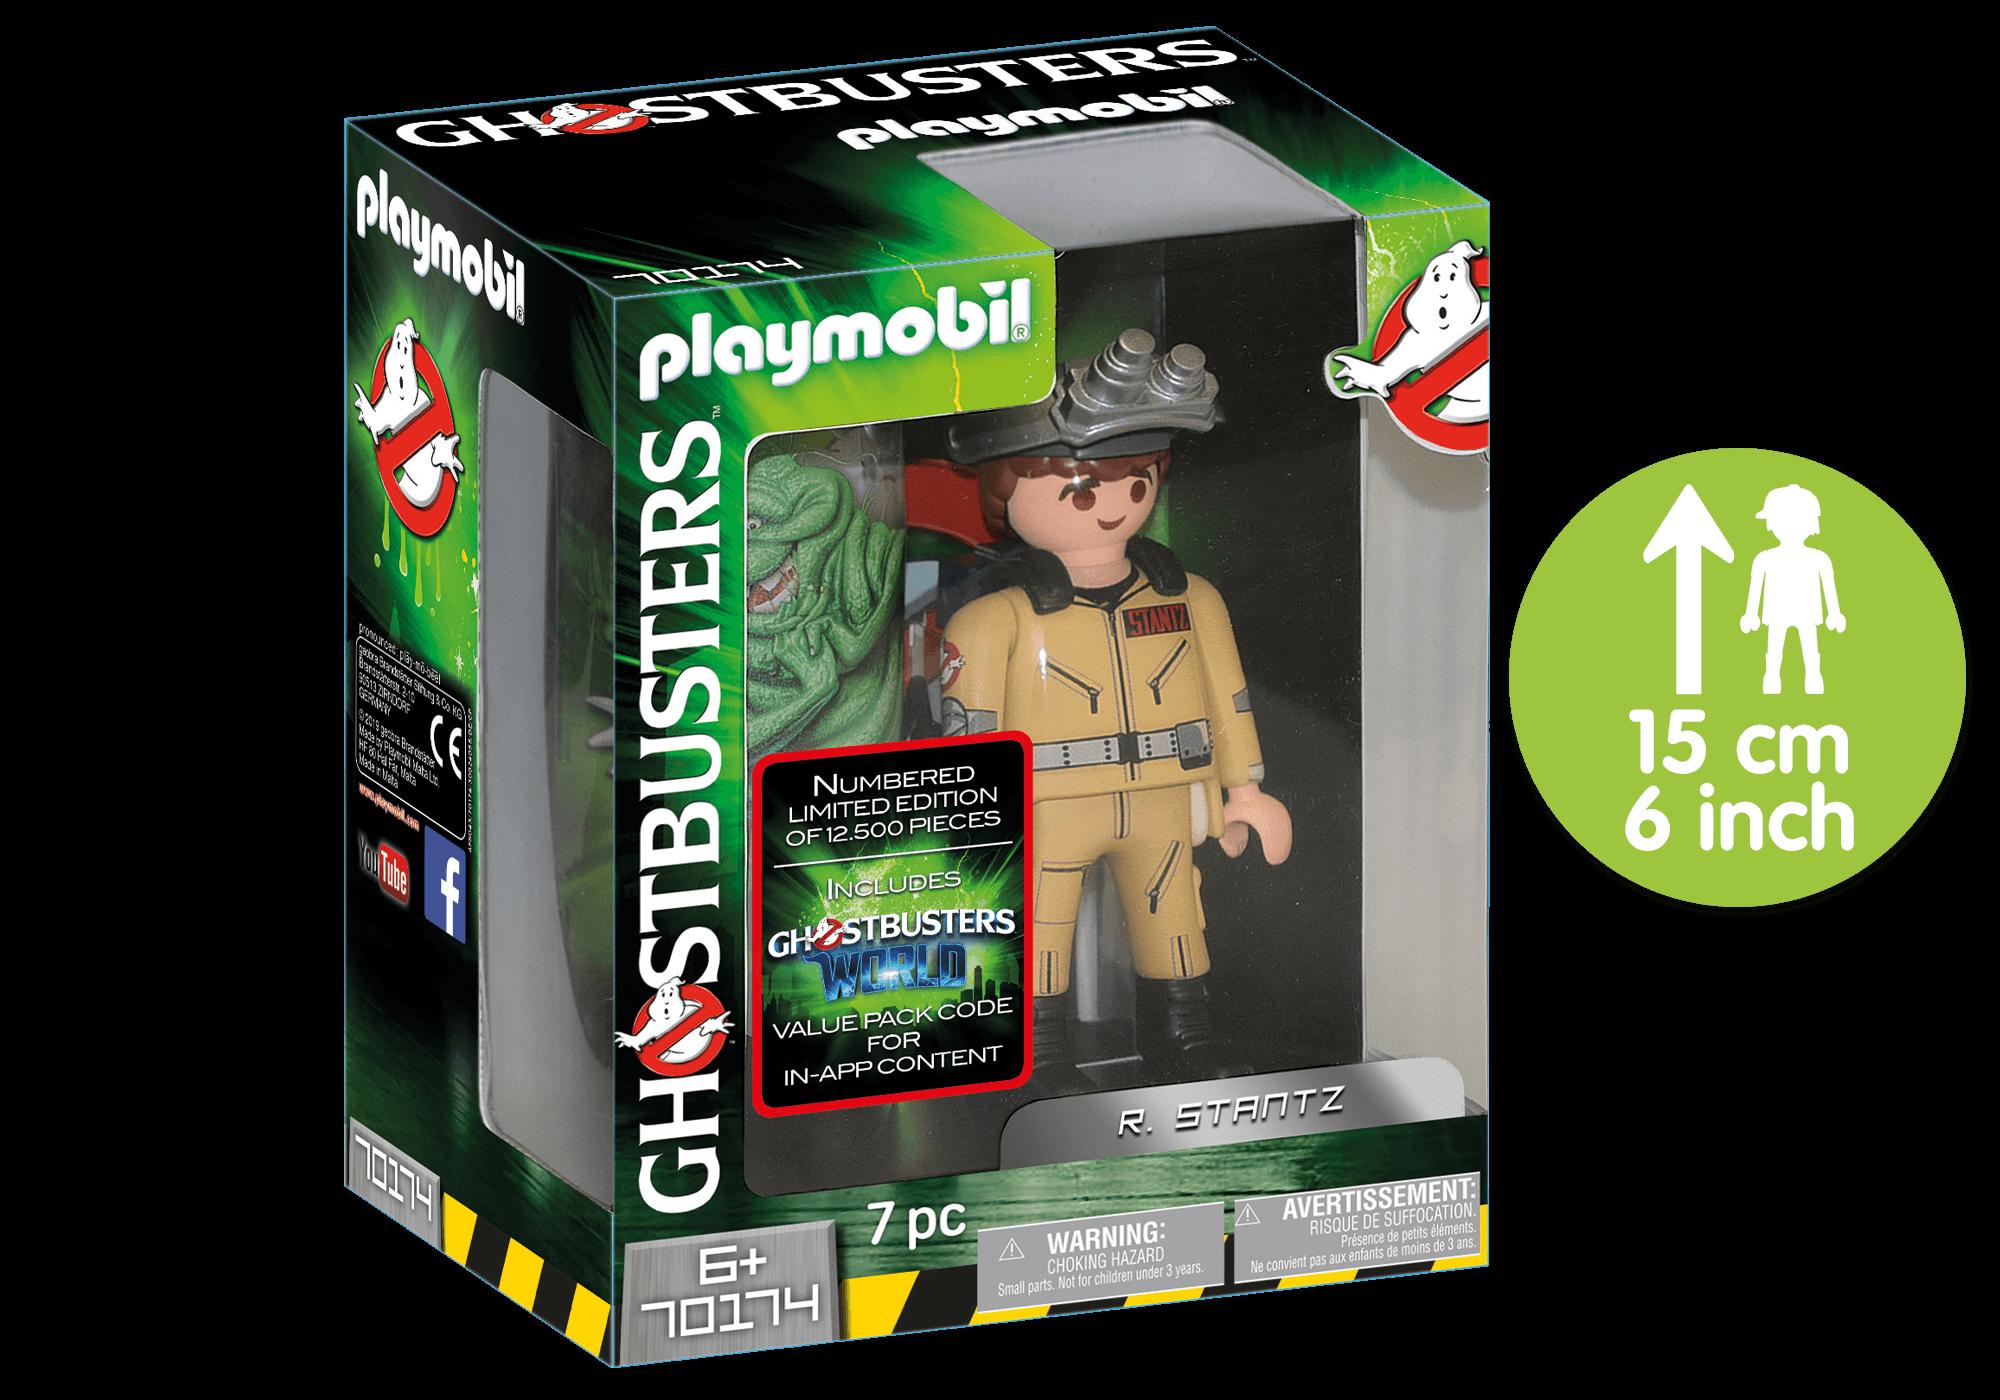 http://media.playmobil.com/i/playmobil/70174_product_detail/Ghostbusters™ Figura Colecionável R.Stantz